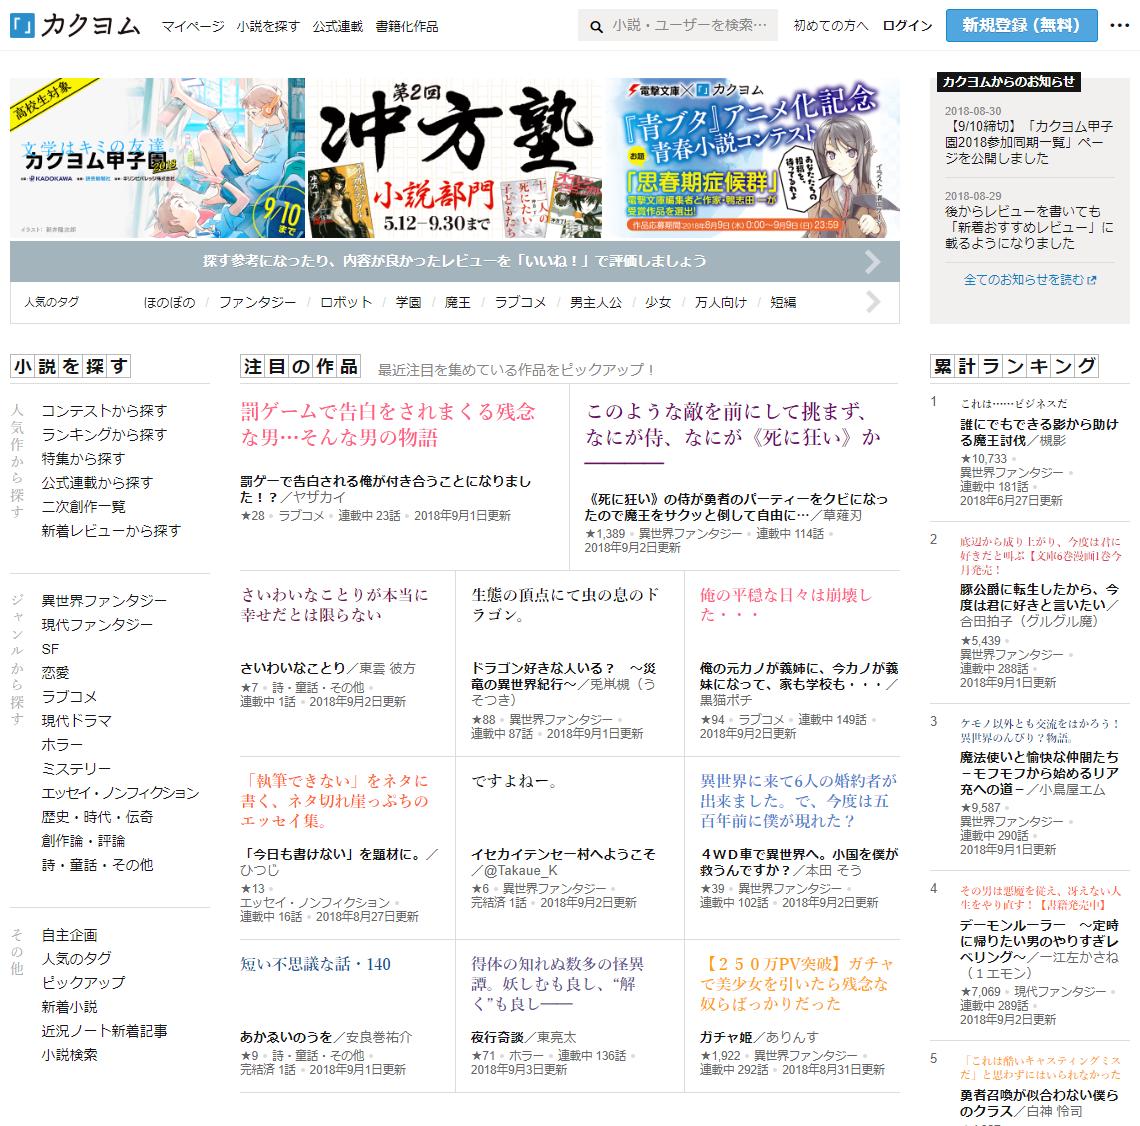 図: カクヨムのトップページ